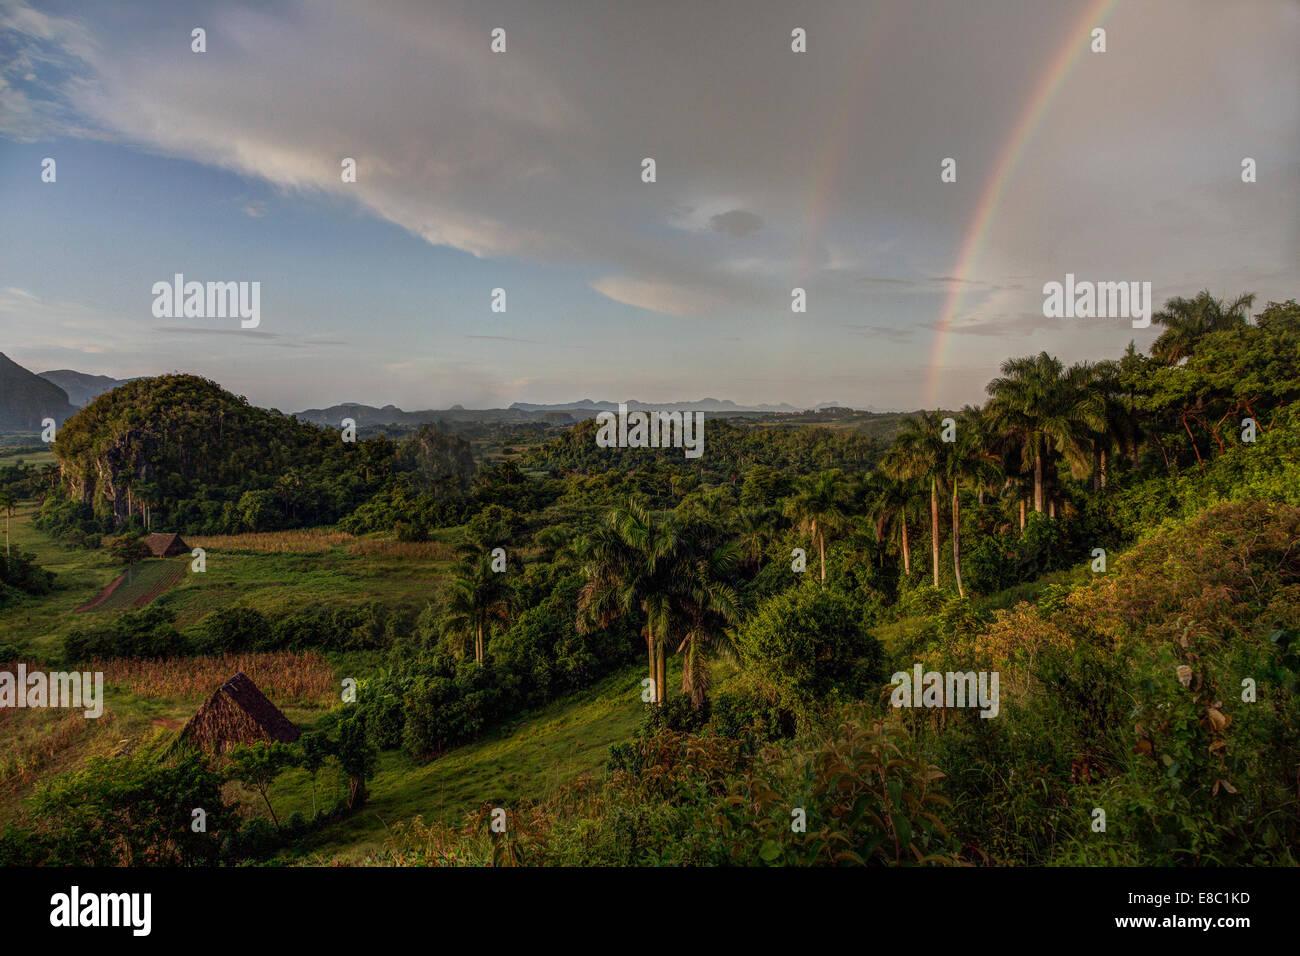 Regenbogen in der Abend-Landschaft von Vinales, Provinz Pinar del Rio, Kuba Stockbild